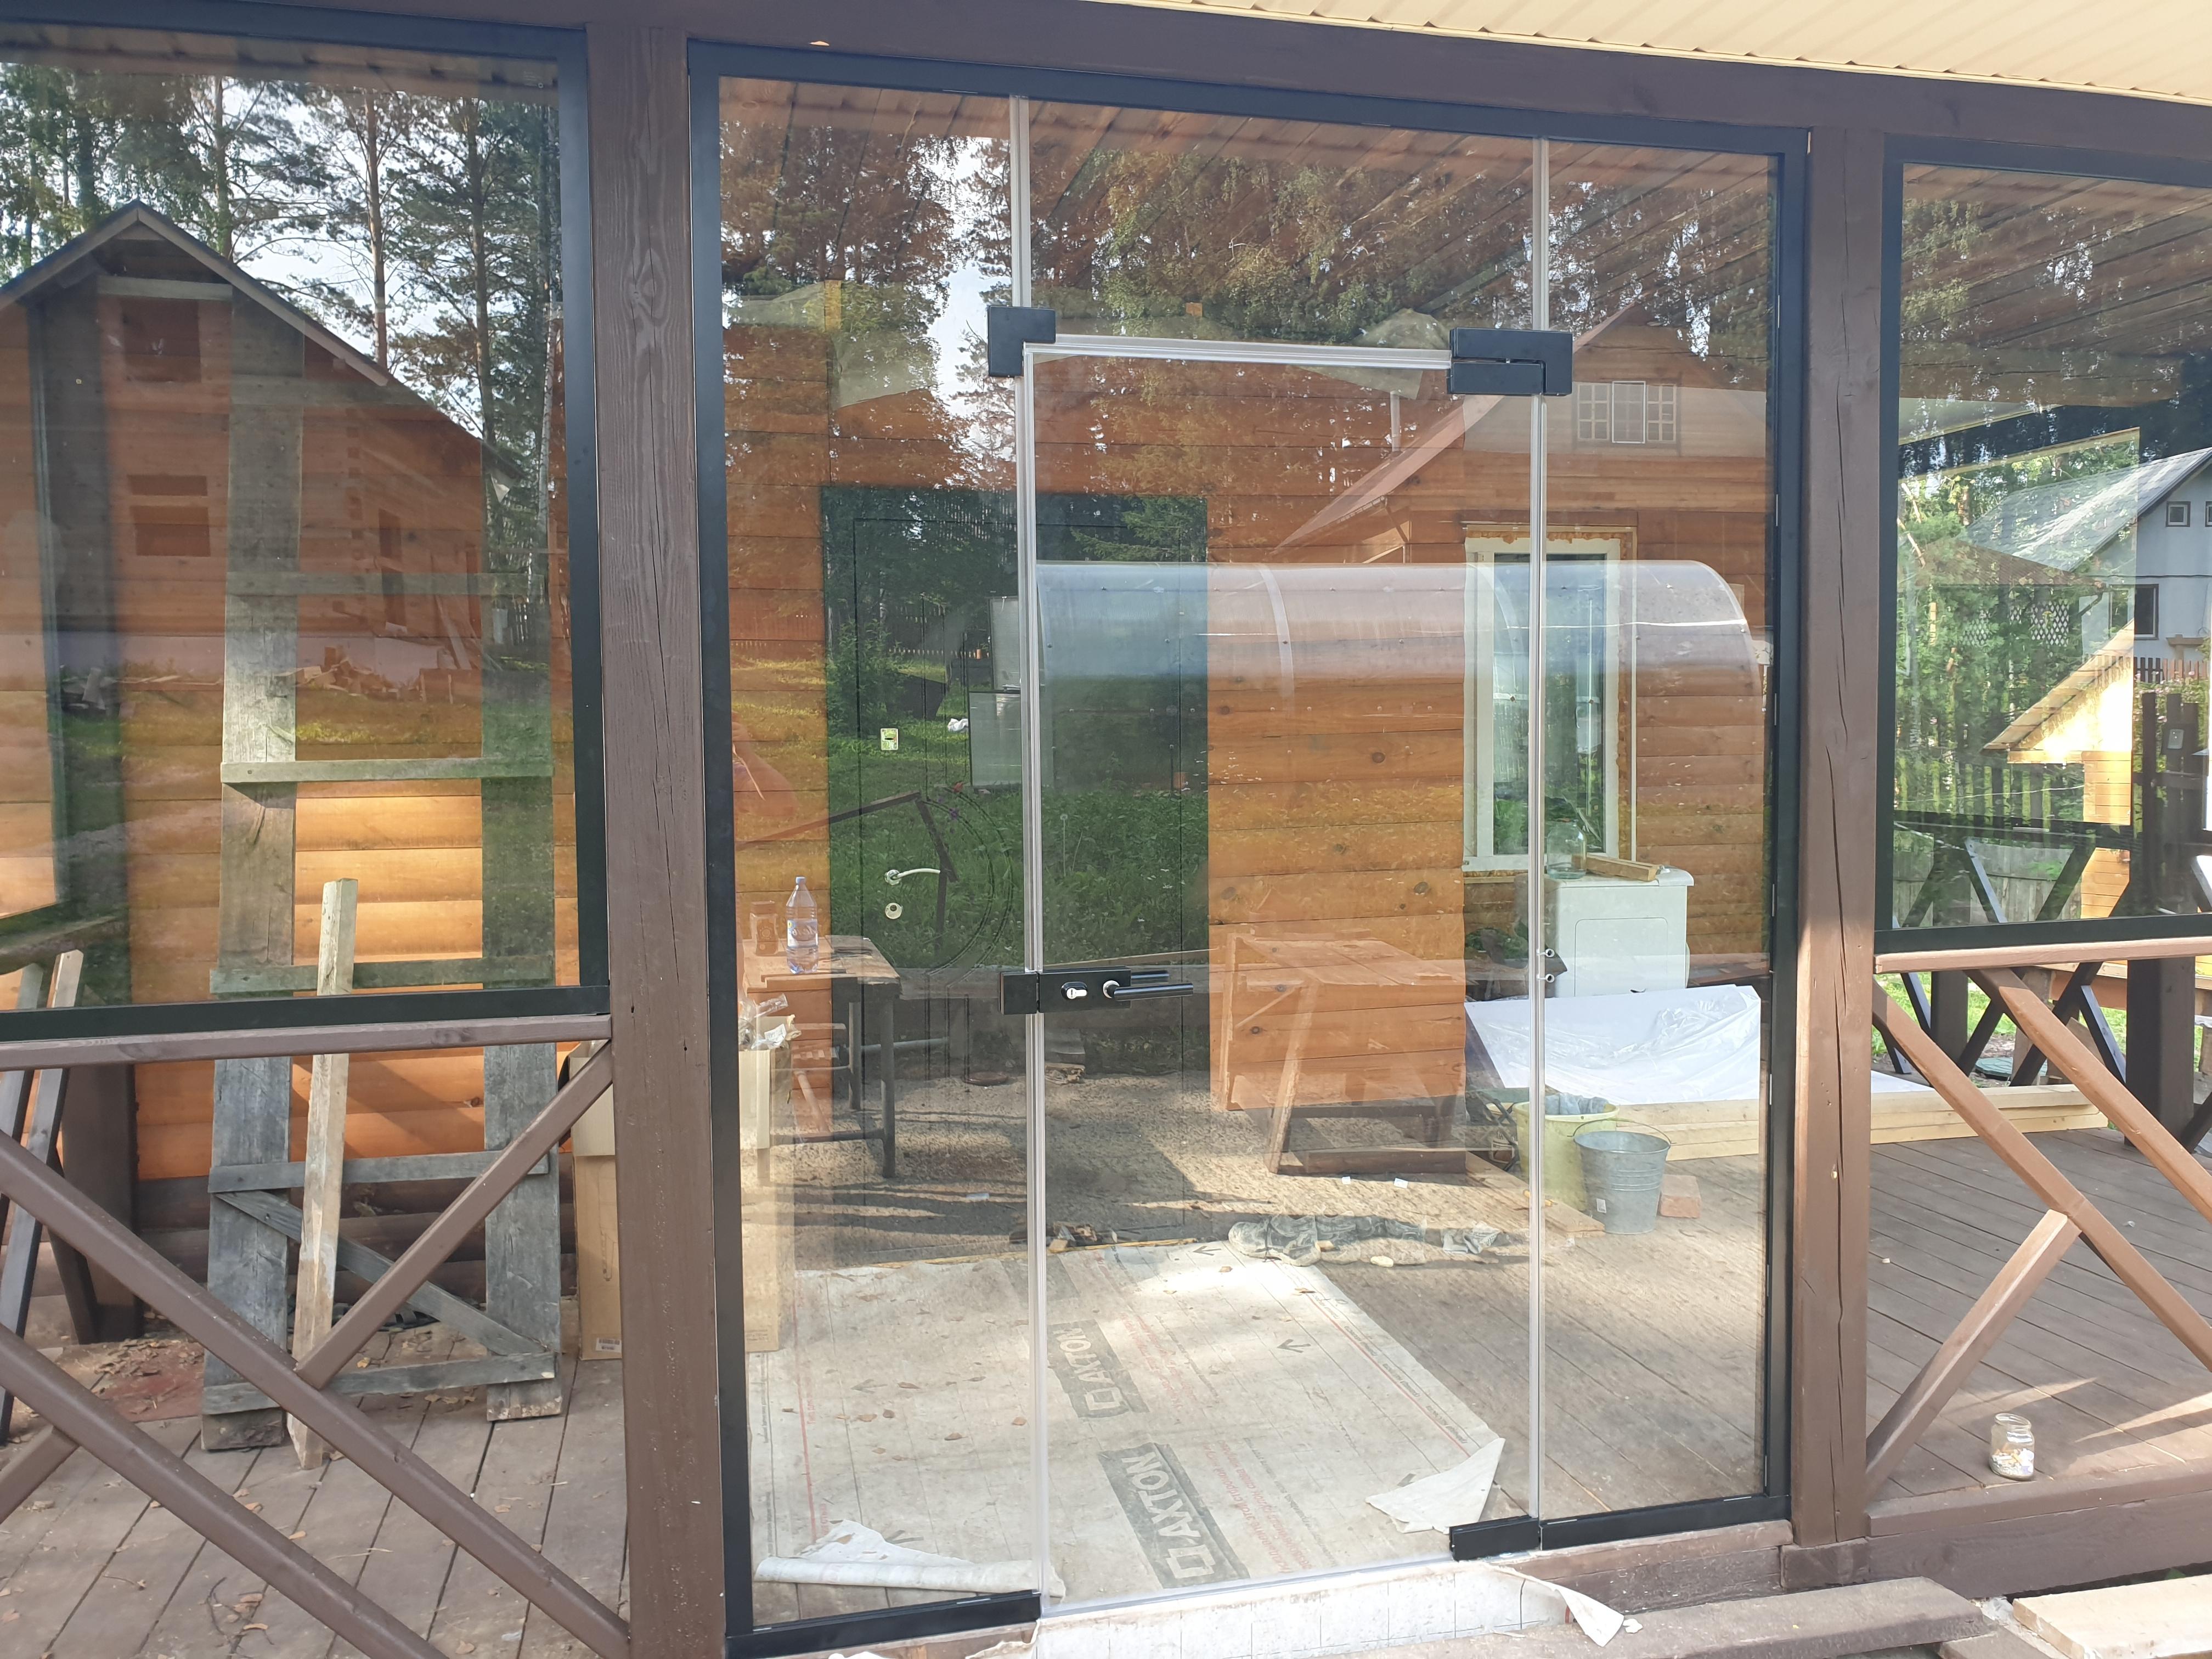 Остекление веранды дачного домика стеклом закаленным 10мм с использованием зажимного профиля и фурнитуры.